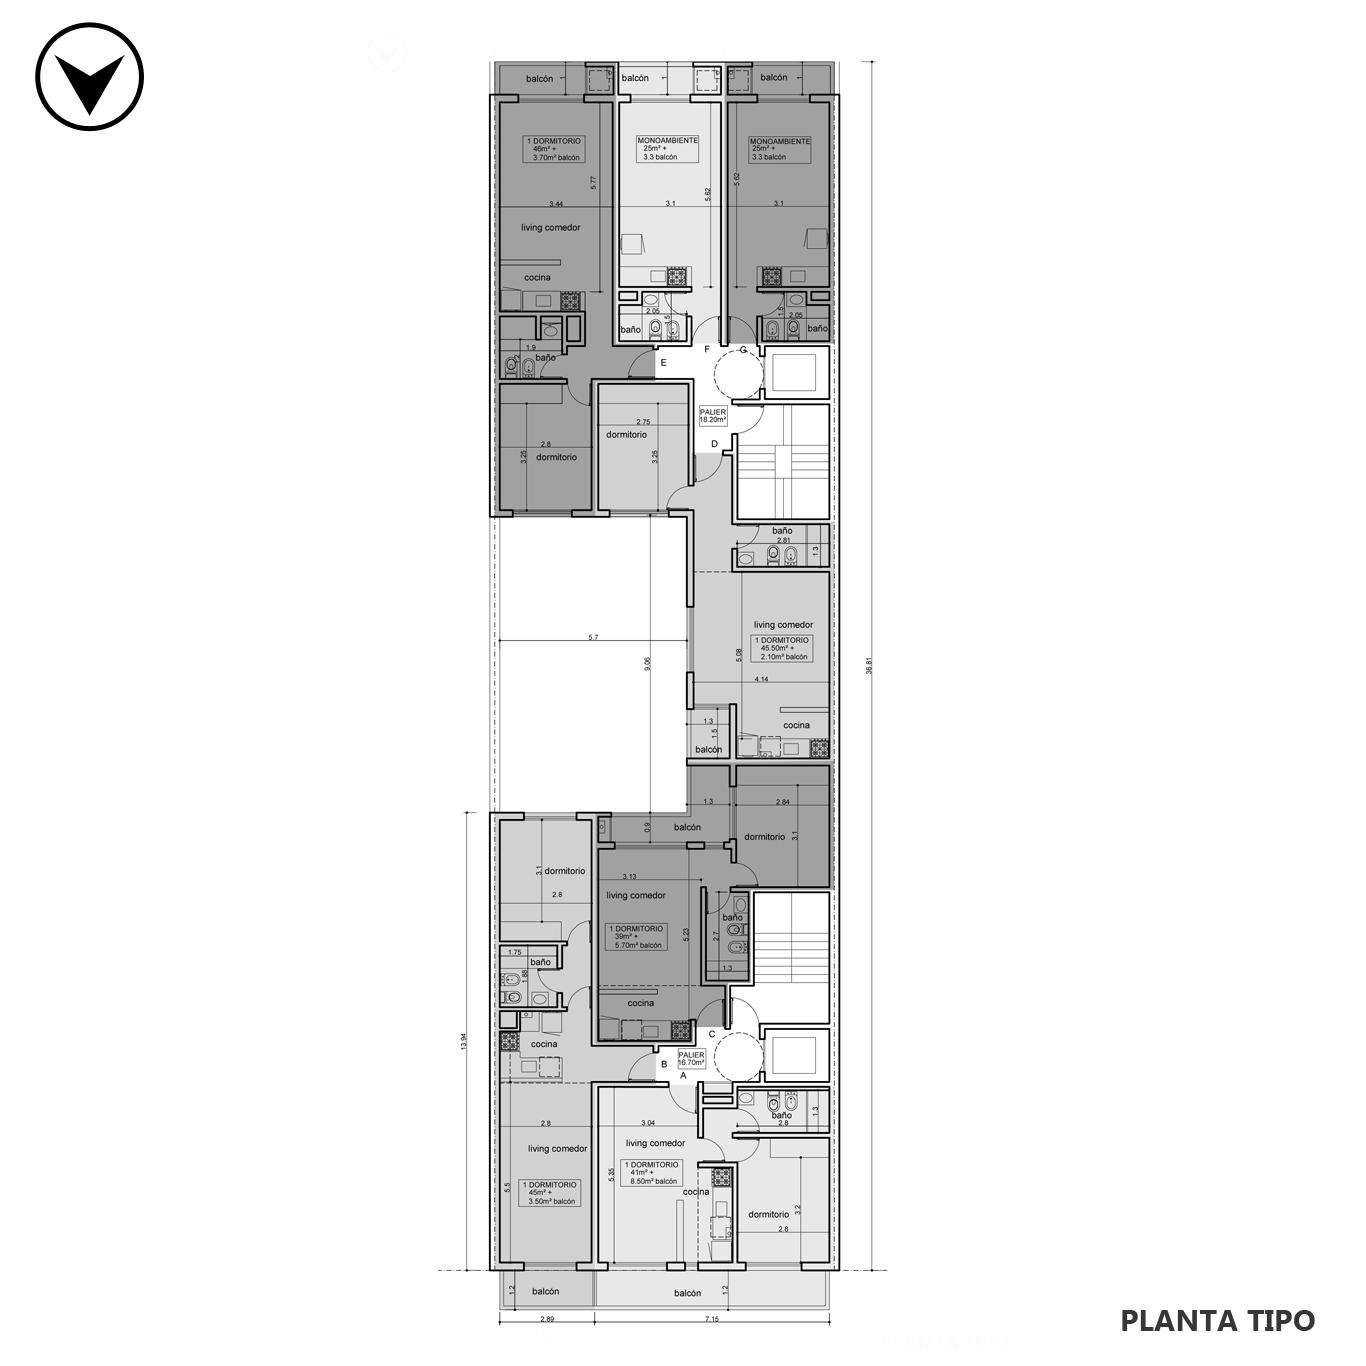 Venta departamento 1 dormitorio Rosario, Centro. Cod CBU24743 AP2302047. Crestale Propiedades